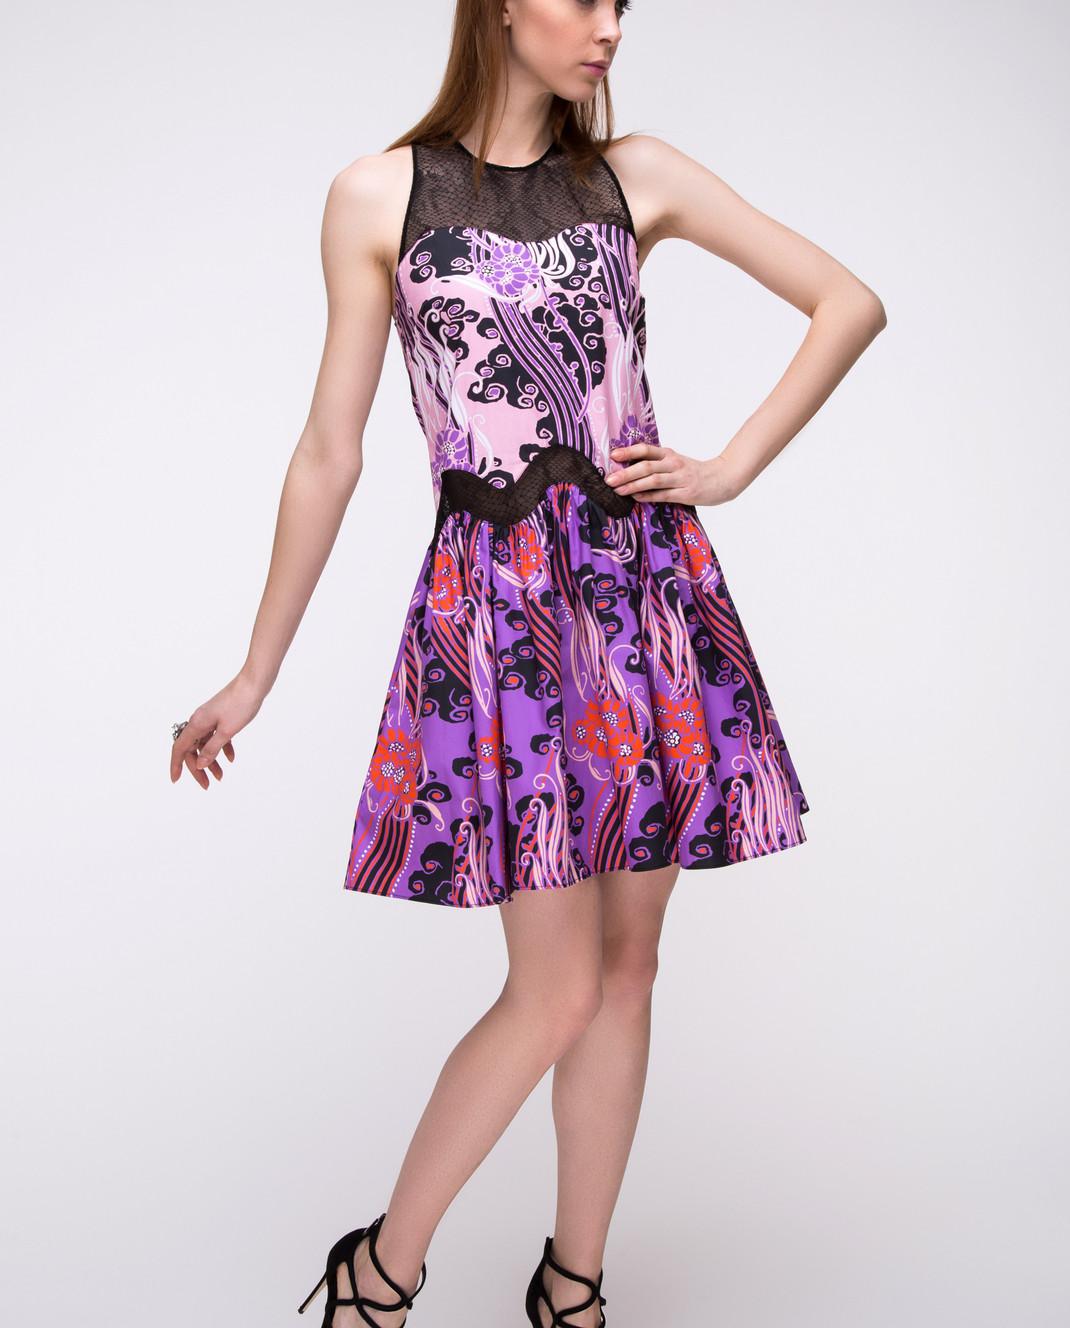 Roberto Cavalli Сиреневое платье CKT122 изображение 2